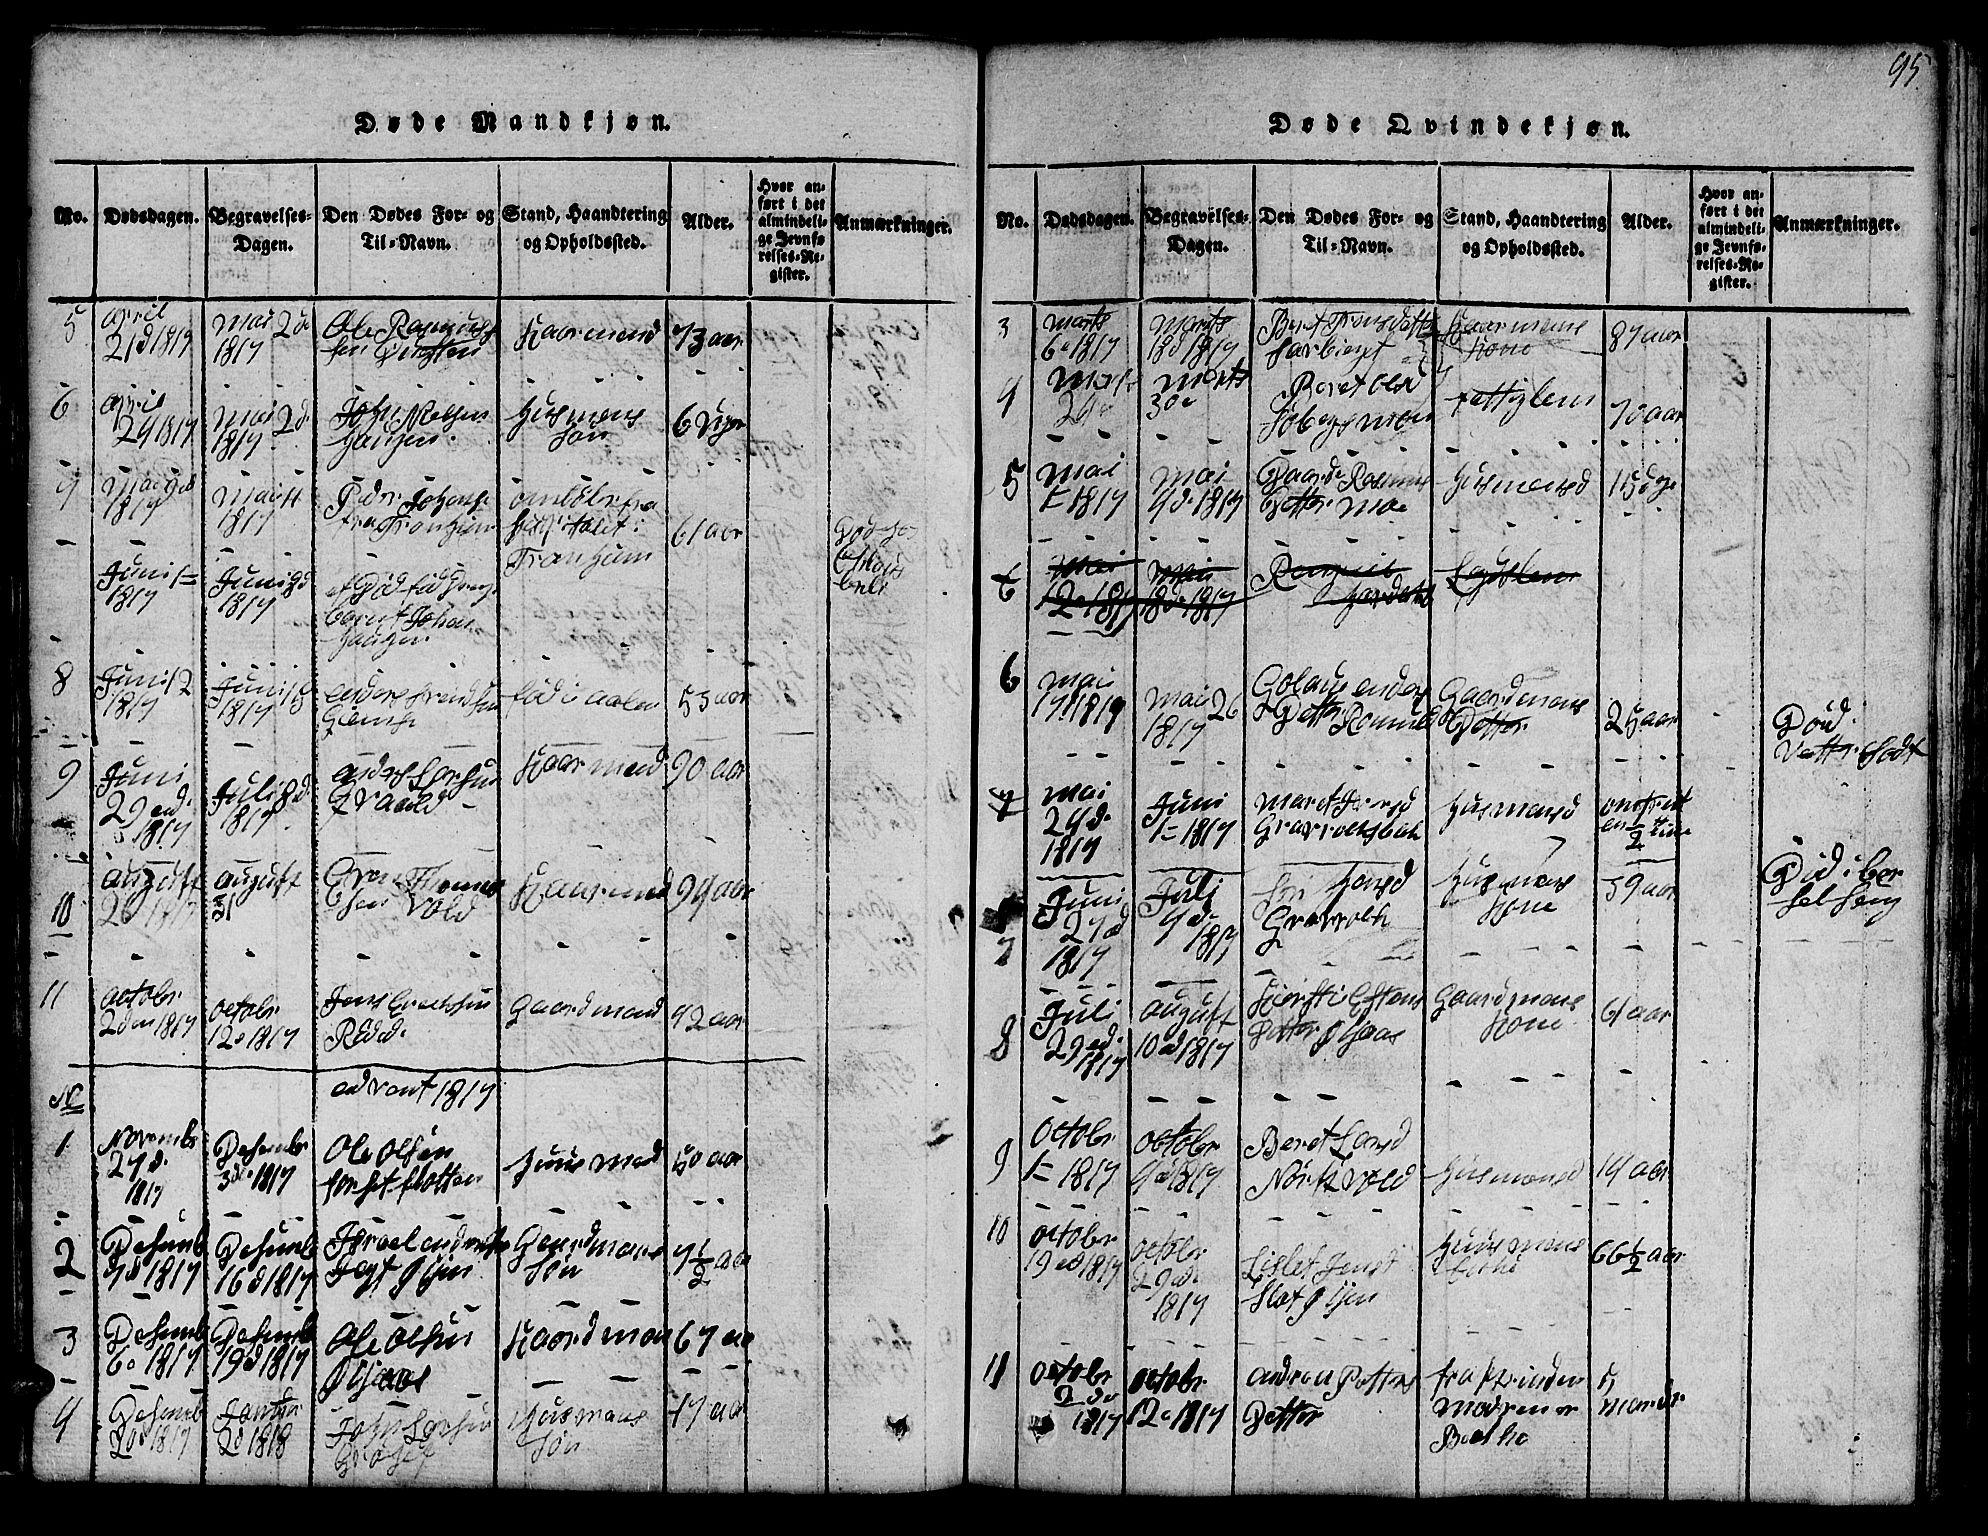 SAT, Ministerialprotokoller, klokkerbøker og fødselsregistre - Sør-Trøndelag, 691/L1092: Klokkerbok nr. 691C03, 1816-1852, s. 95